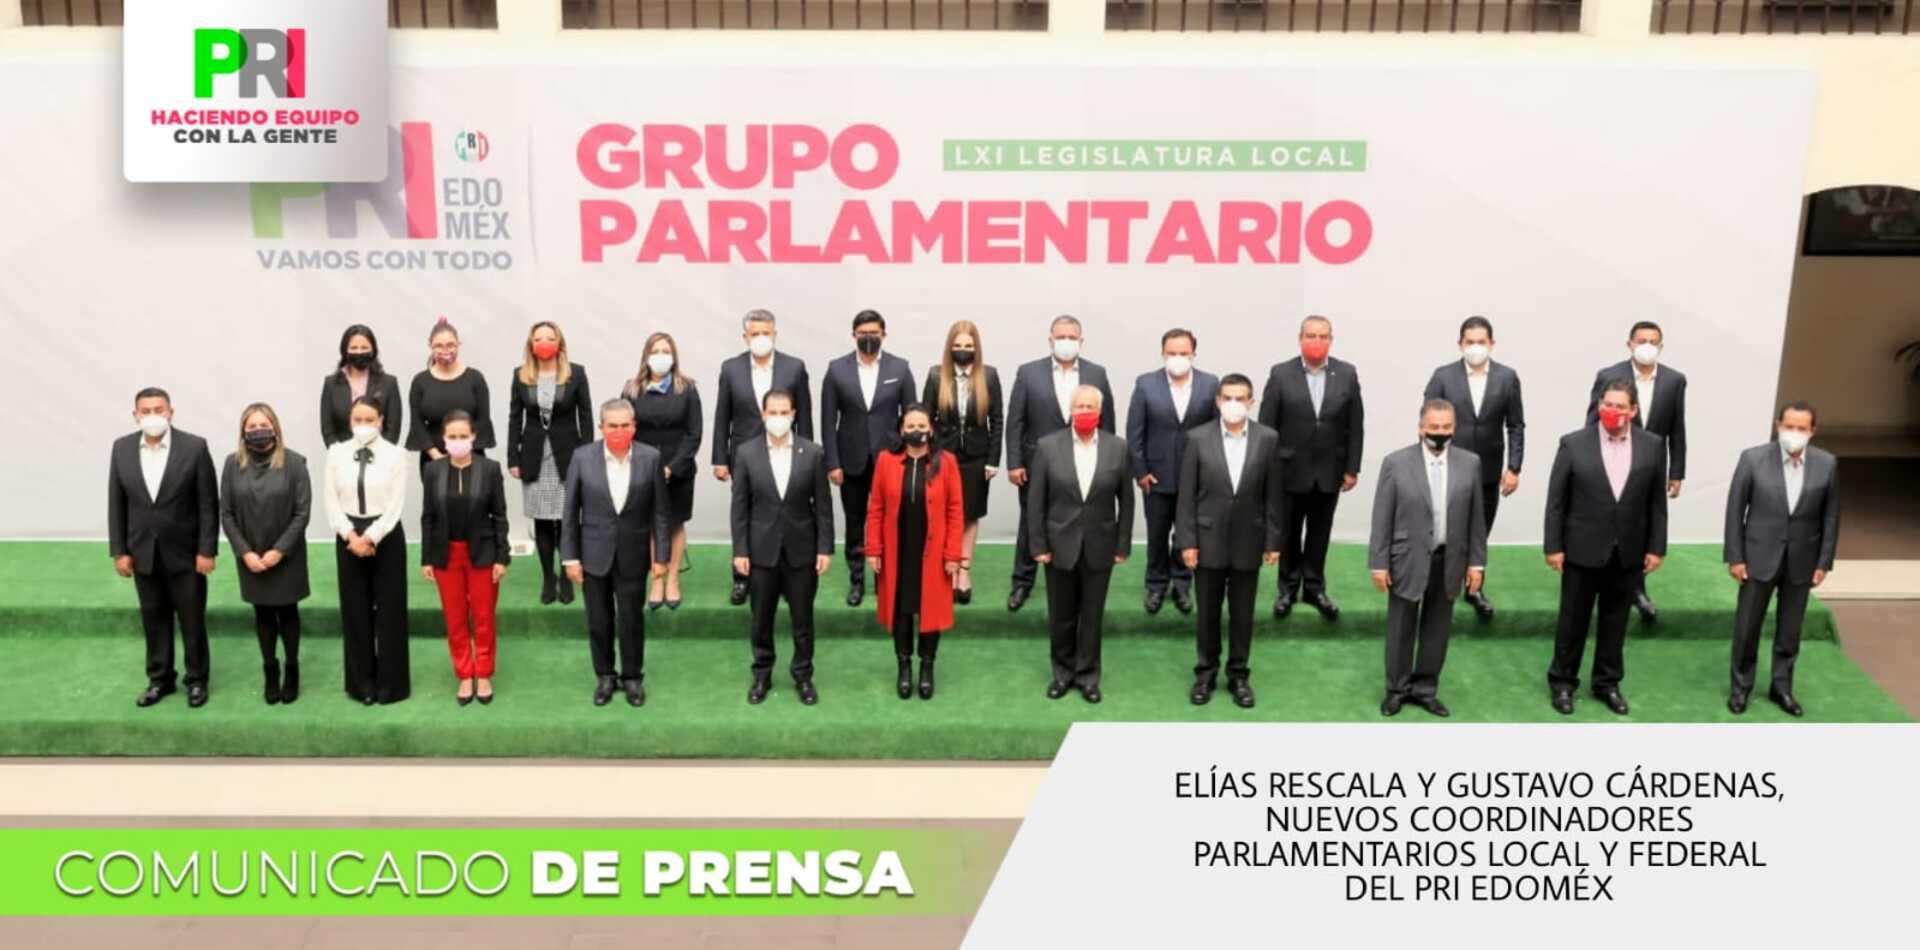 Elías Rescala y Gustavo Cárdenas, nuevos coordinadores parlamentarios del PRI EDOMÉX